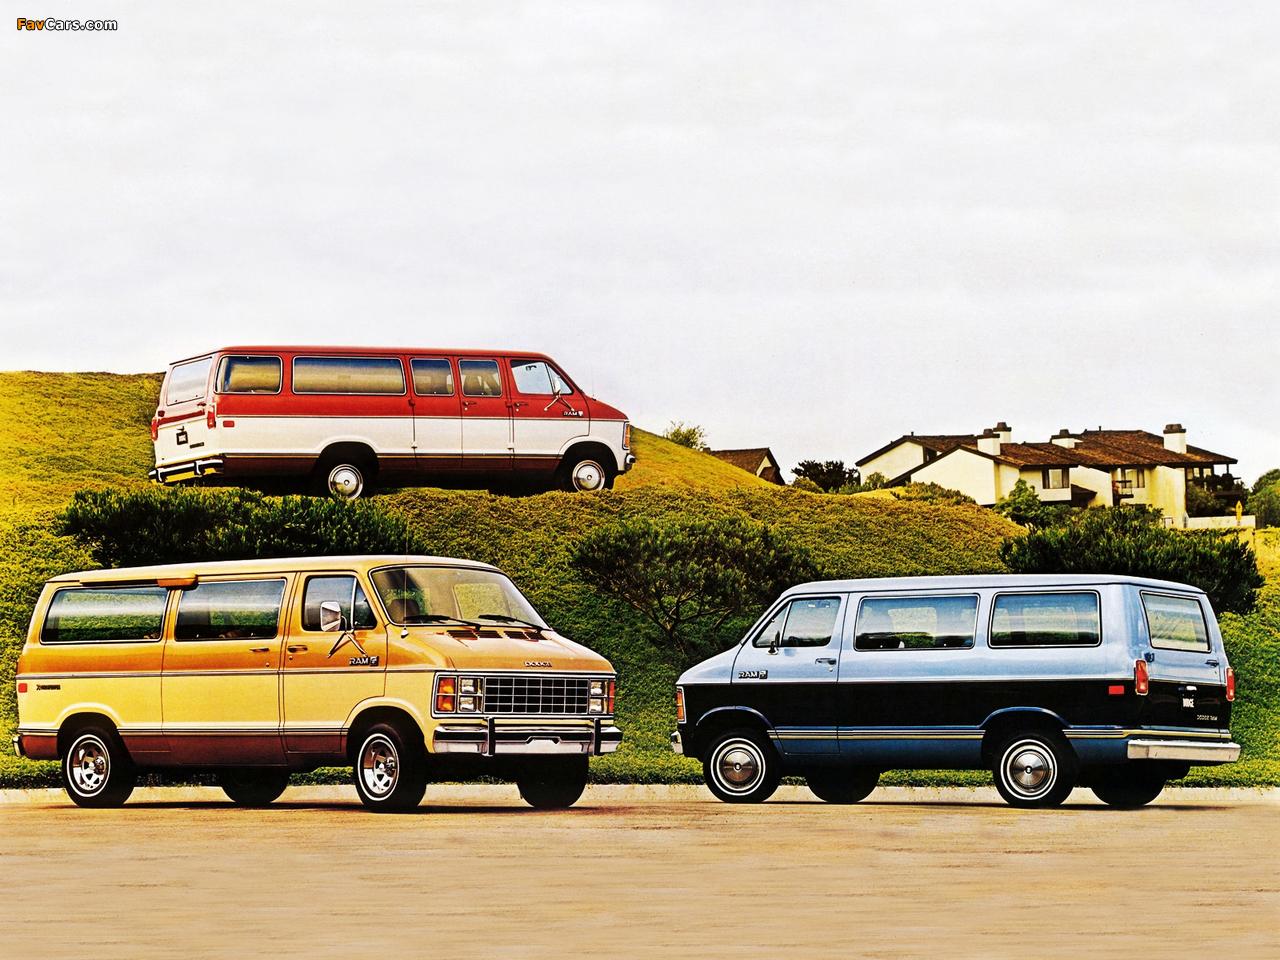 Dodge Ram Van images (1280 x 960)